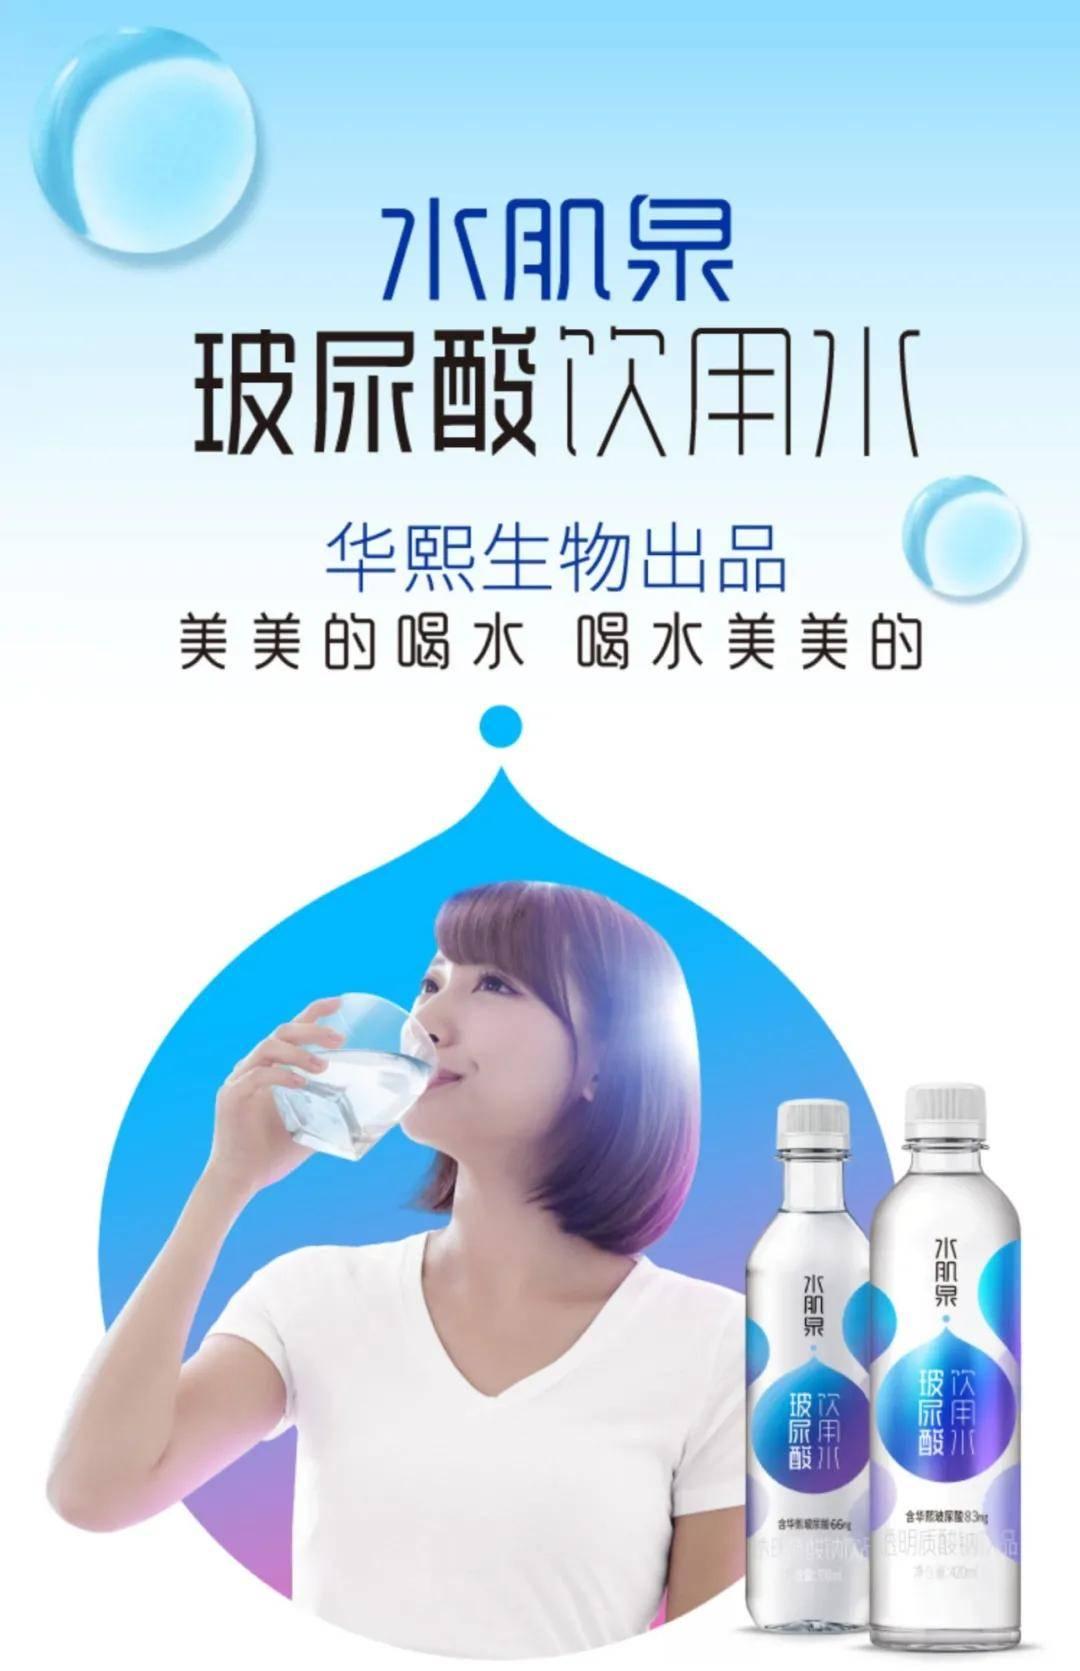 华熙生物首推可变美的玻尿酸饮用水,品牌掀起玻尿酸食品研发热潮